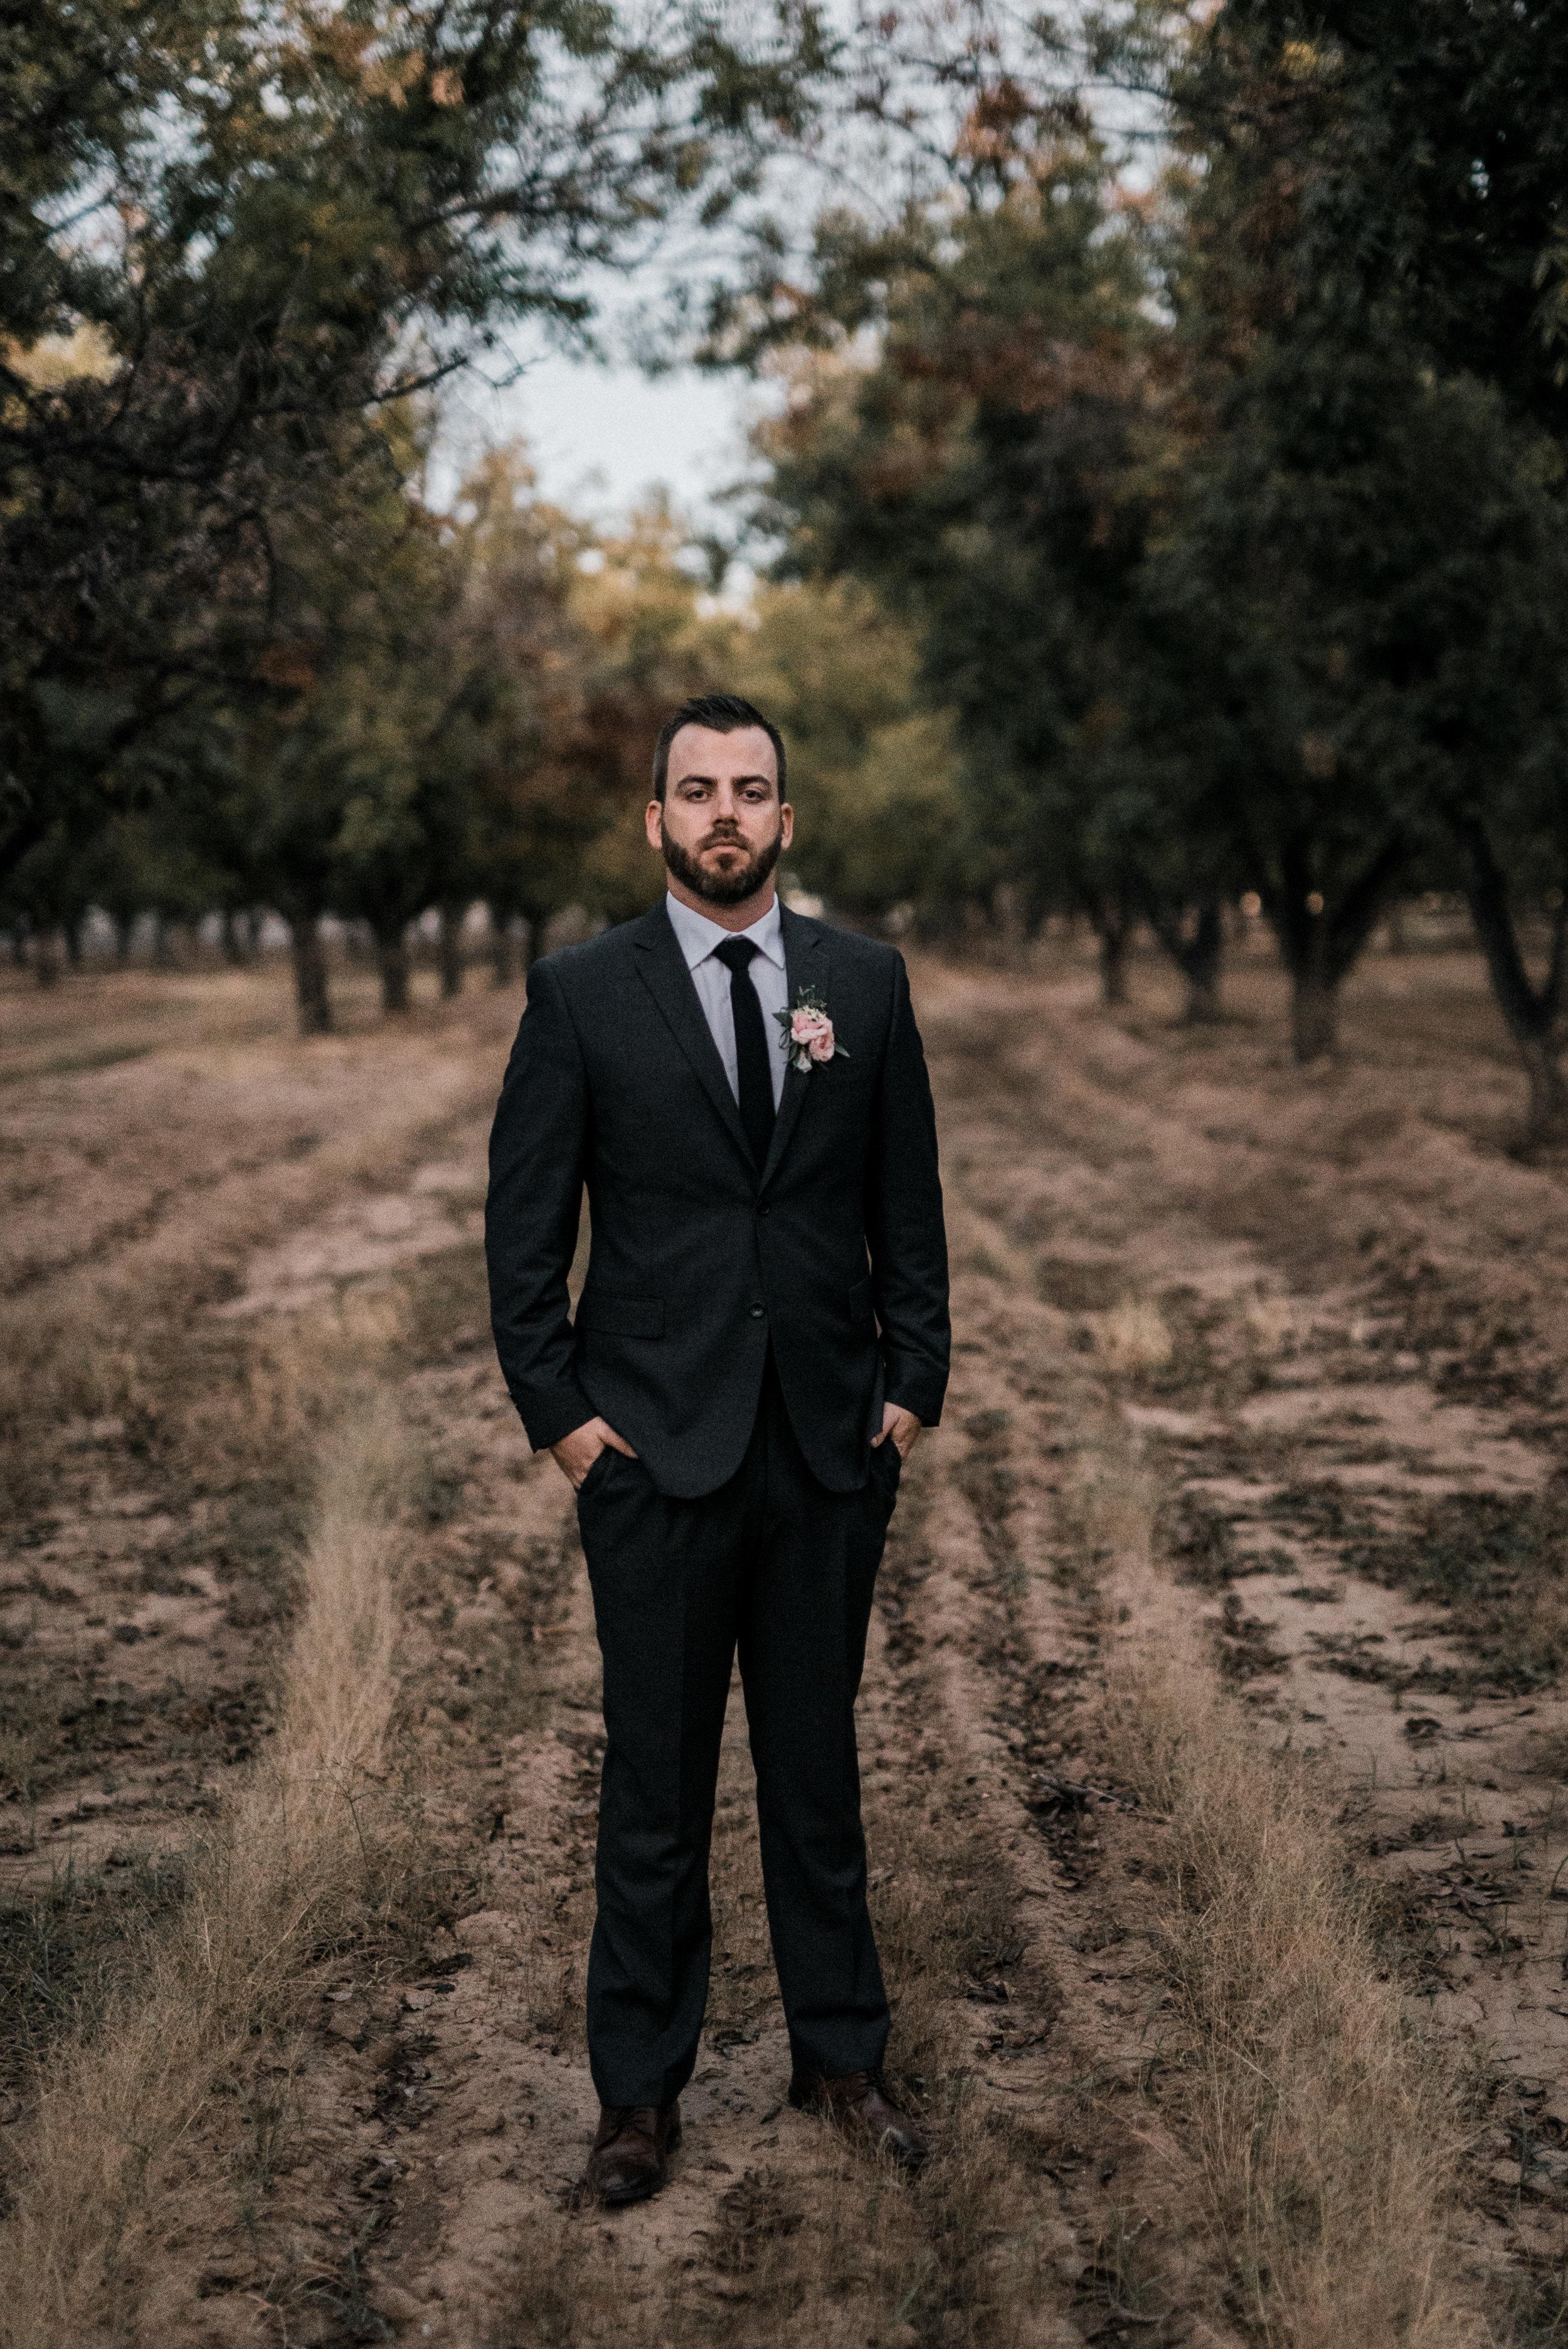 Moody, Romantic Arizona Wedding - Groom Style